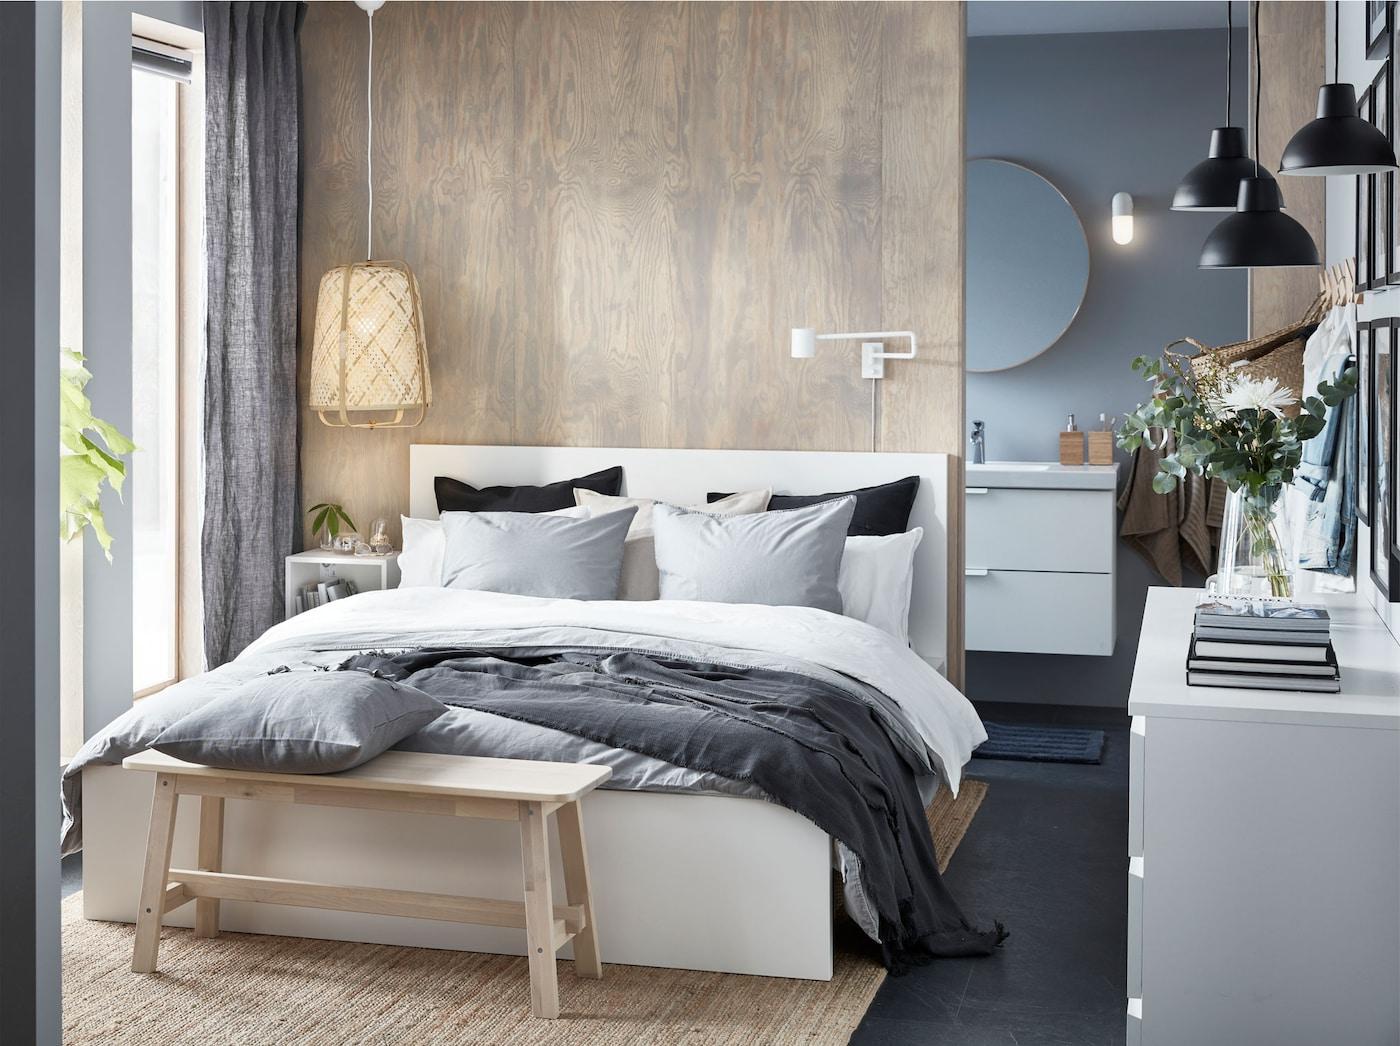 Une Jolie Petite Chambre à Coucher Avec Une Touche De Luxe